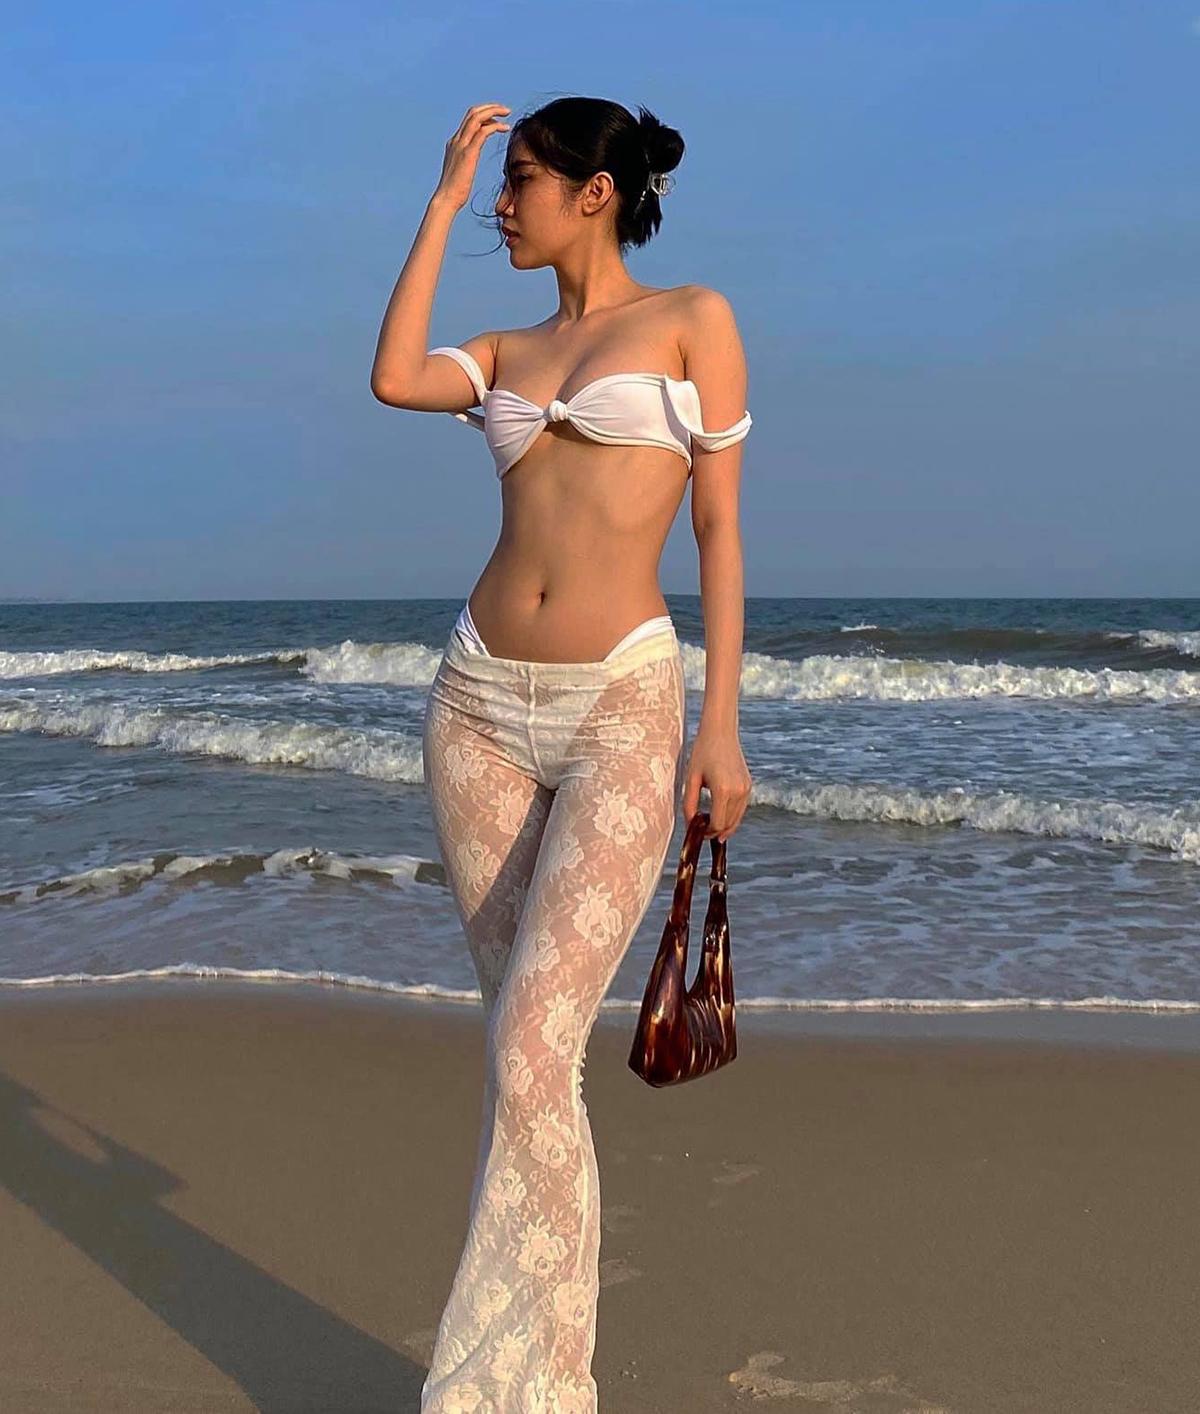 Thay vì mặc bikini như thông thường, chân dài Quỳnh Hương tăng độ quyến rũ cho trang phục trên biển bằng cách mix quần ren mỏng manh phía ngoài.